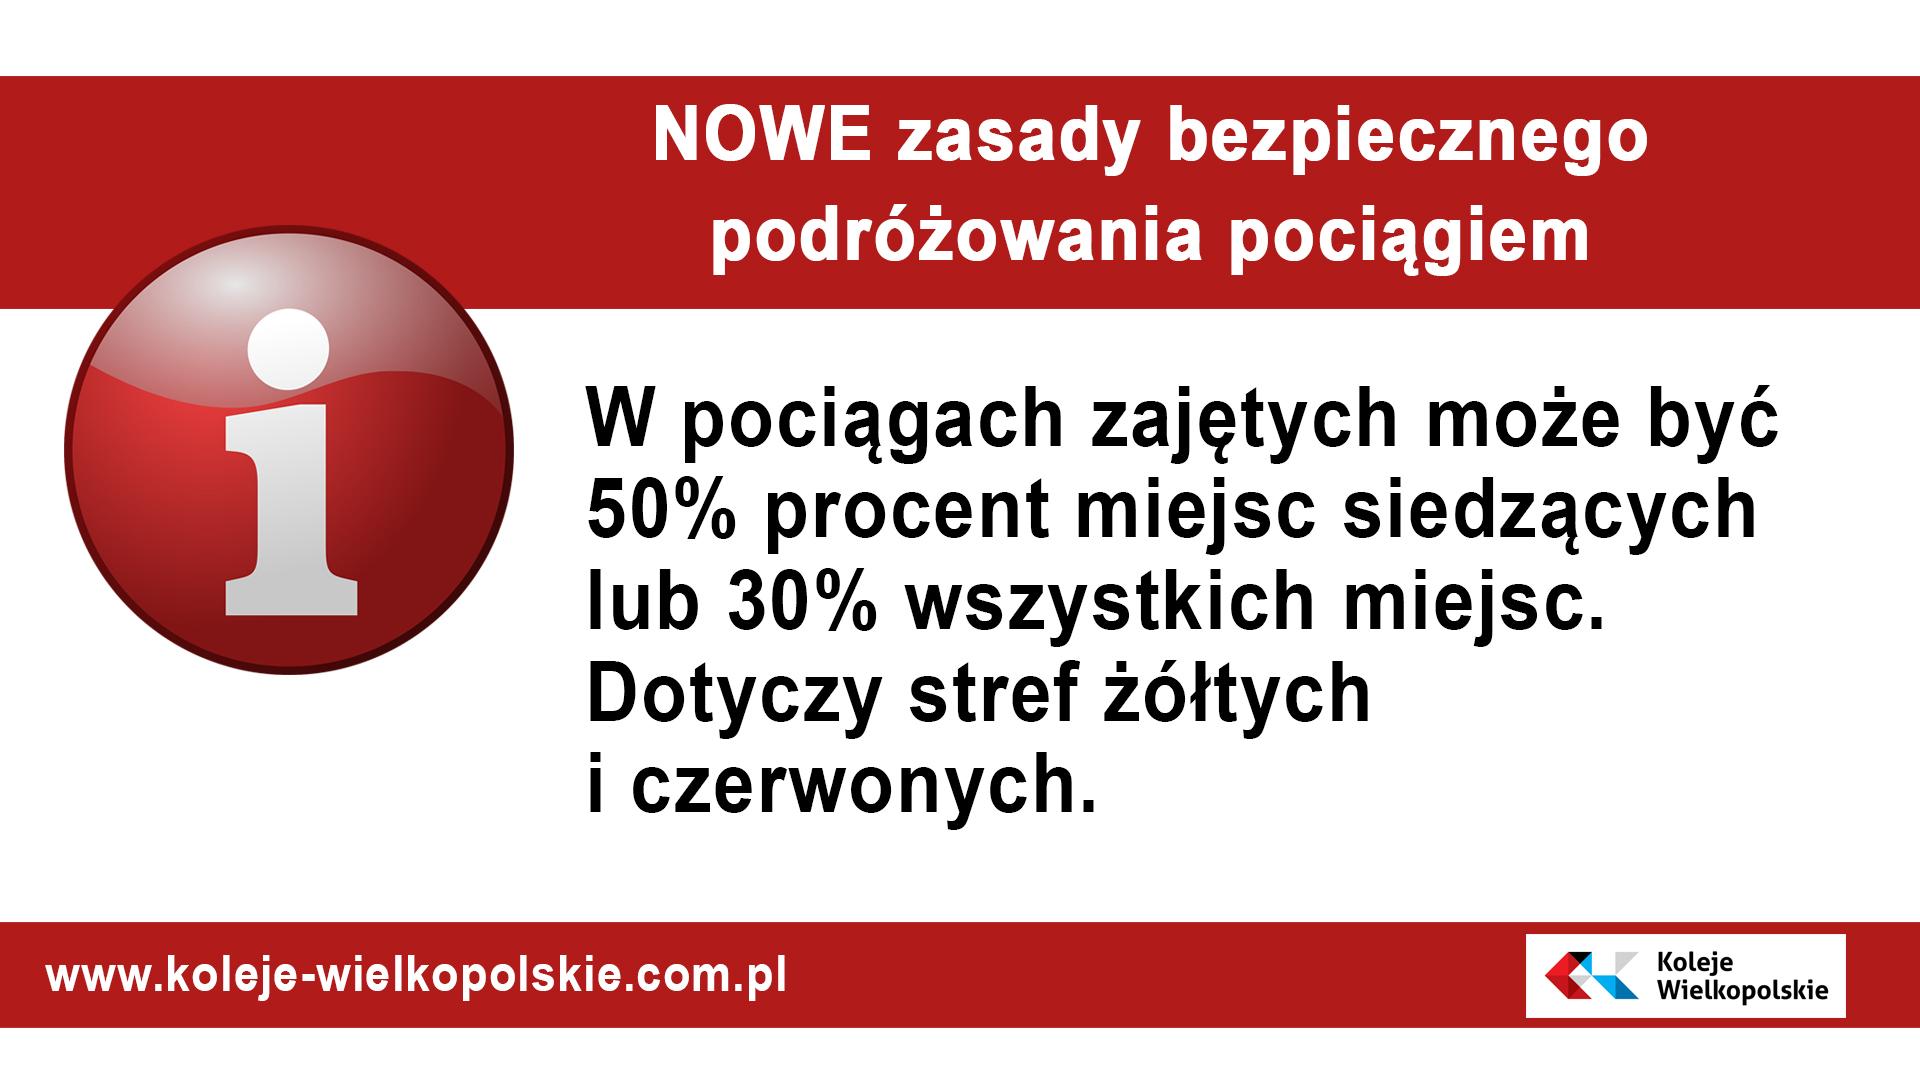 Nowe zasady bezpieczeństwa obowiązujące od 17 października 2020 r.